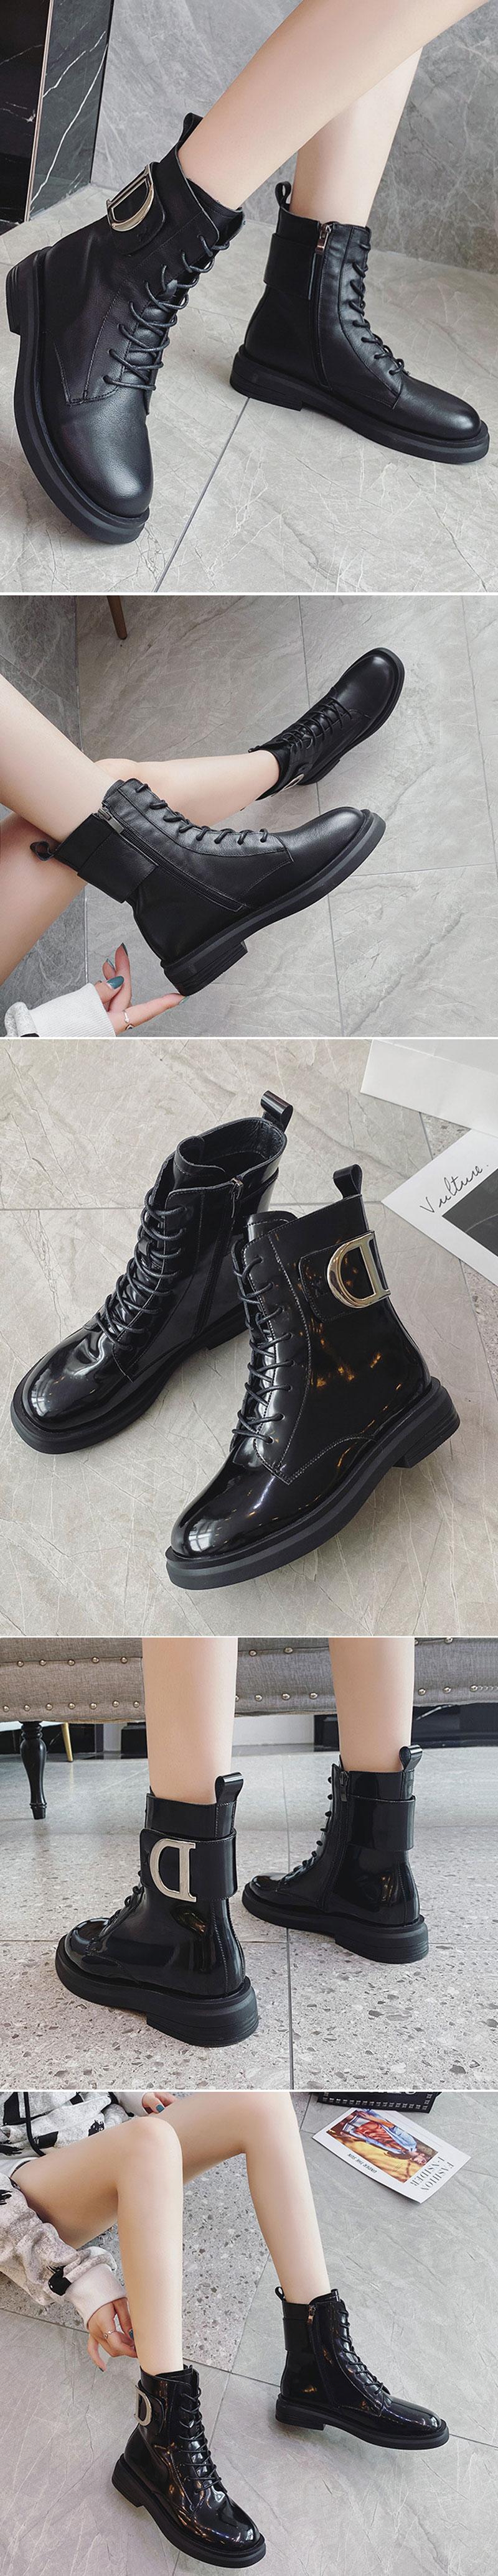 bottine noir cuir pas cher